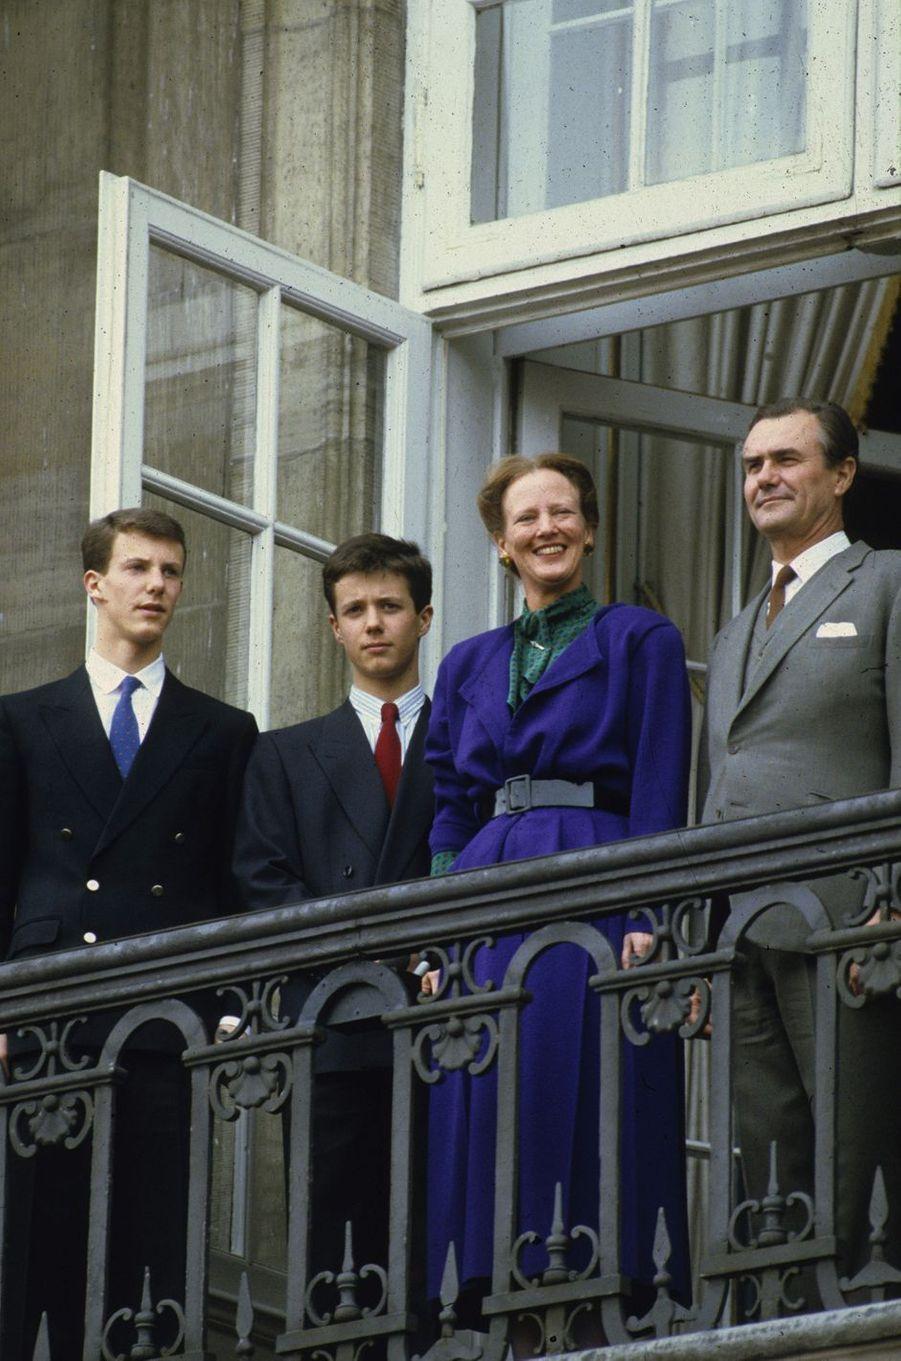 Le prince Frederik de Danemark avec ses parents et son petit frère le 16 avril 1986